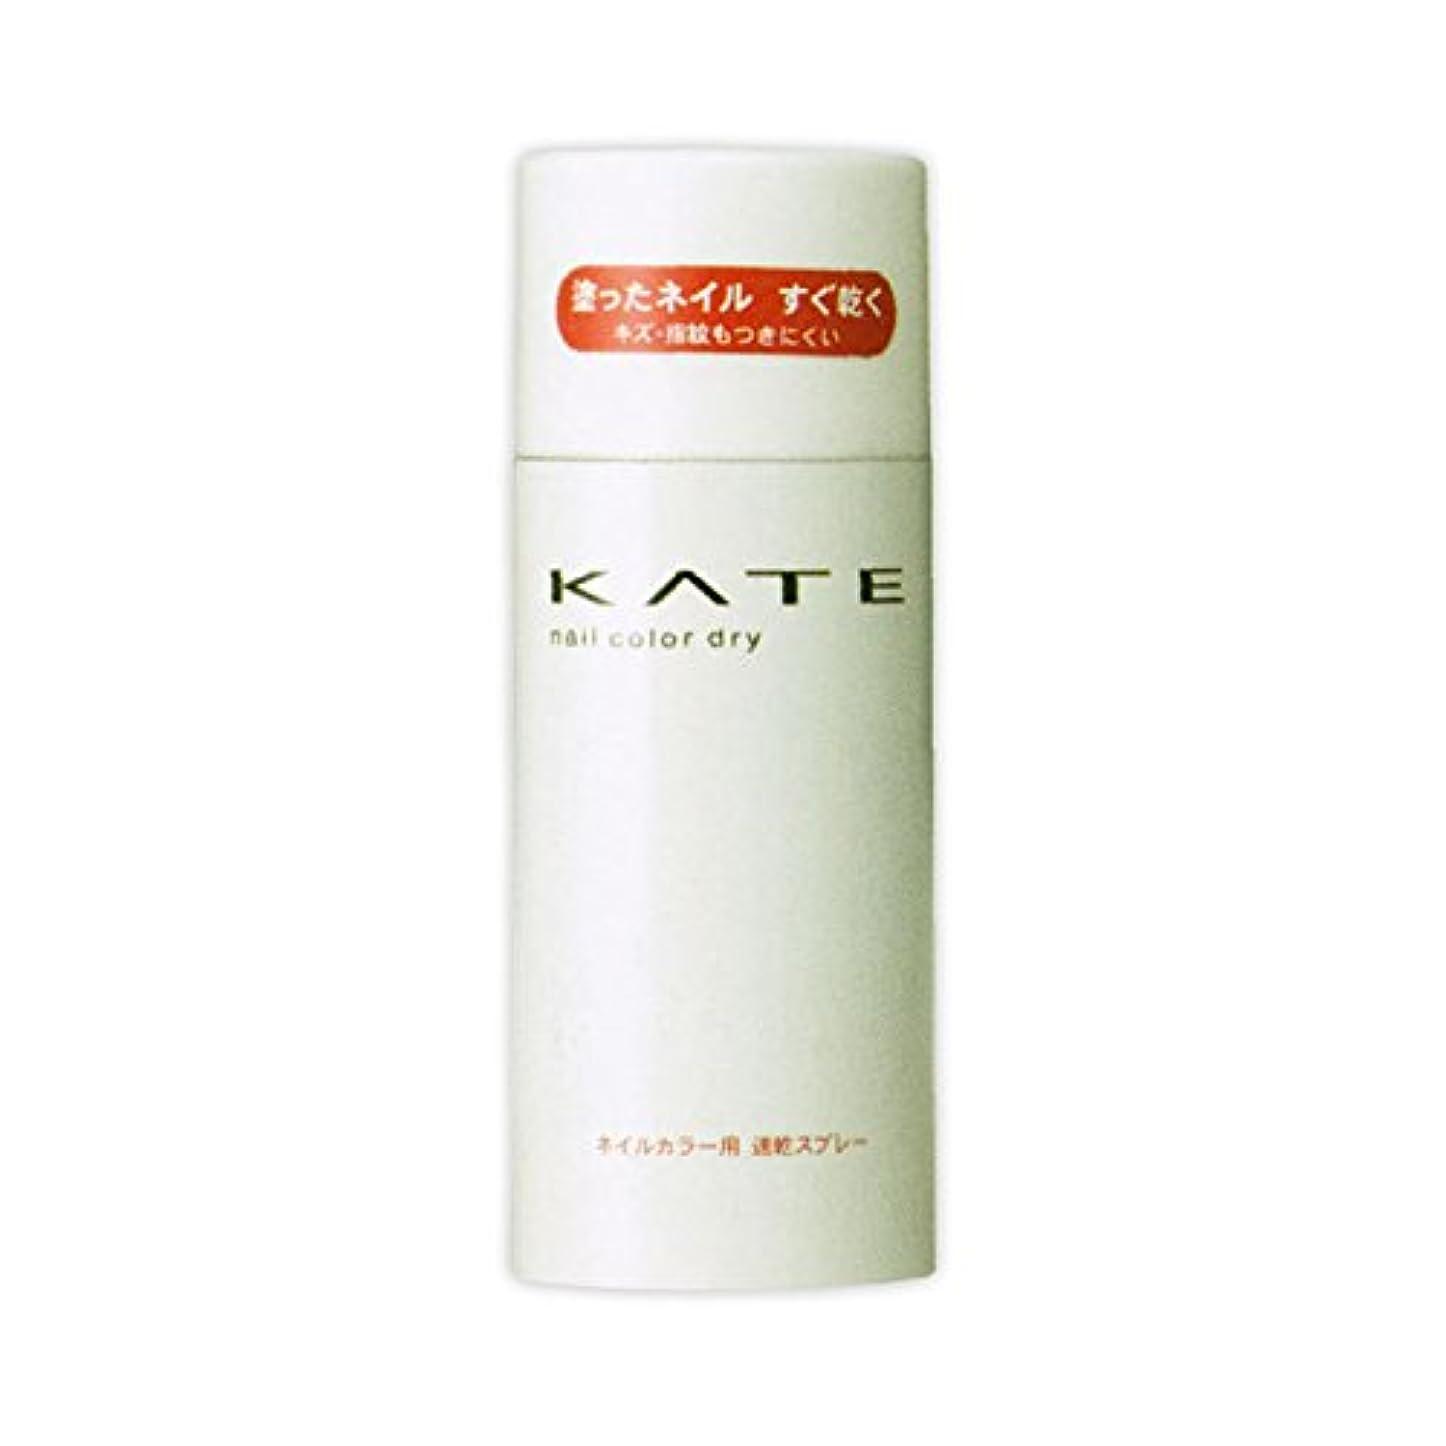 記録スパイラル補助金カネボウ ケイト KATE ネイルカラードライ S 90g